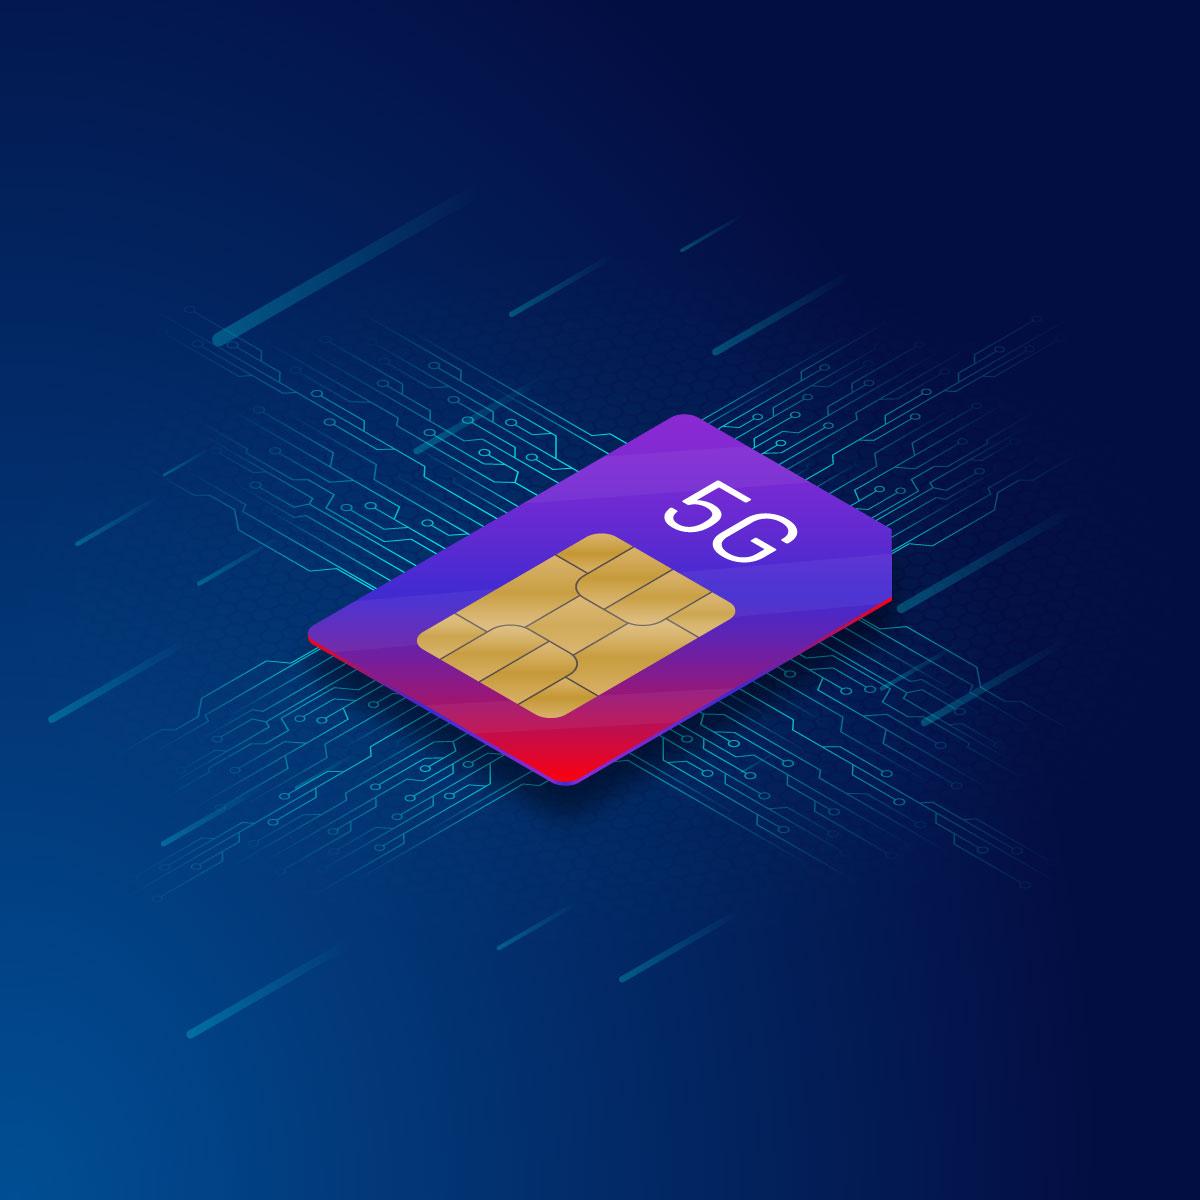 12款5G网络科技海报展板设计矢量素材 5G Technology Poster插图10